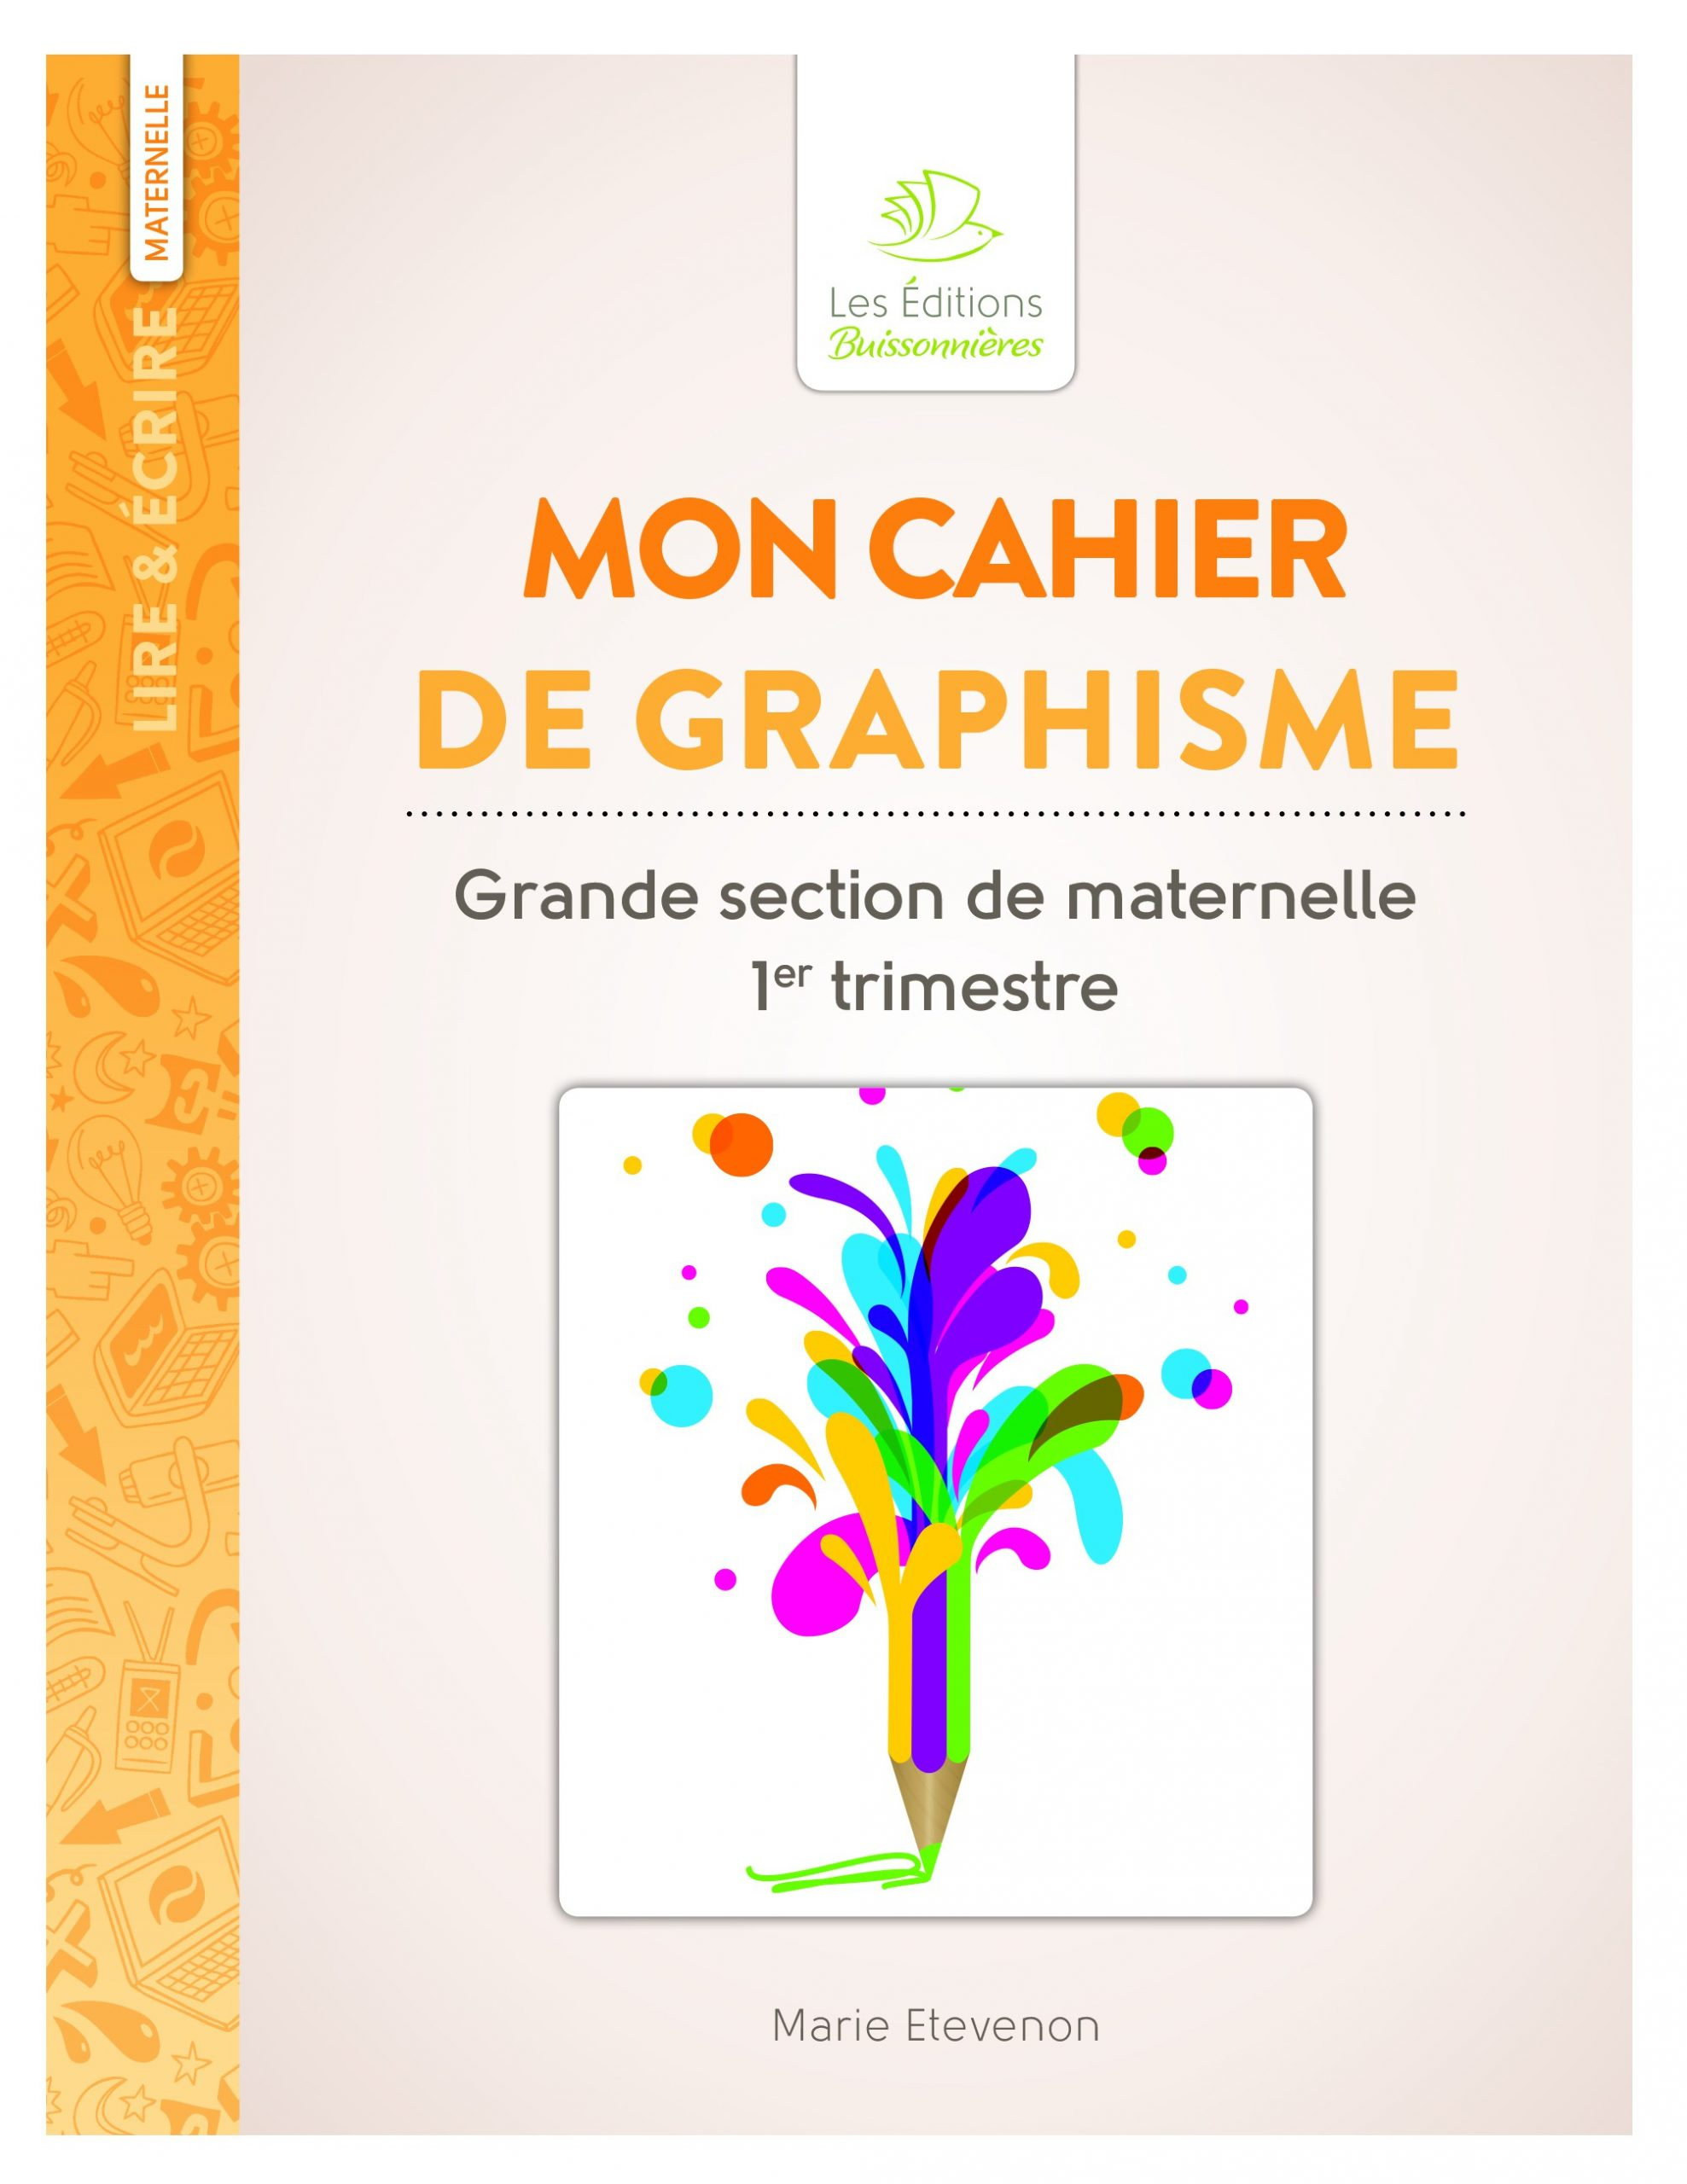 Mon Cahier De Graphisme Grande Section De Maternelle - Scop tout Graphisme En Gs